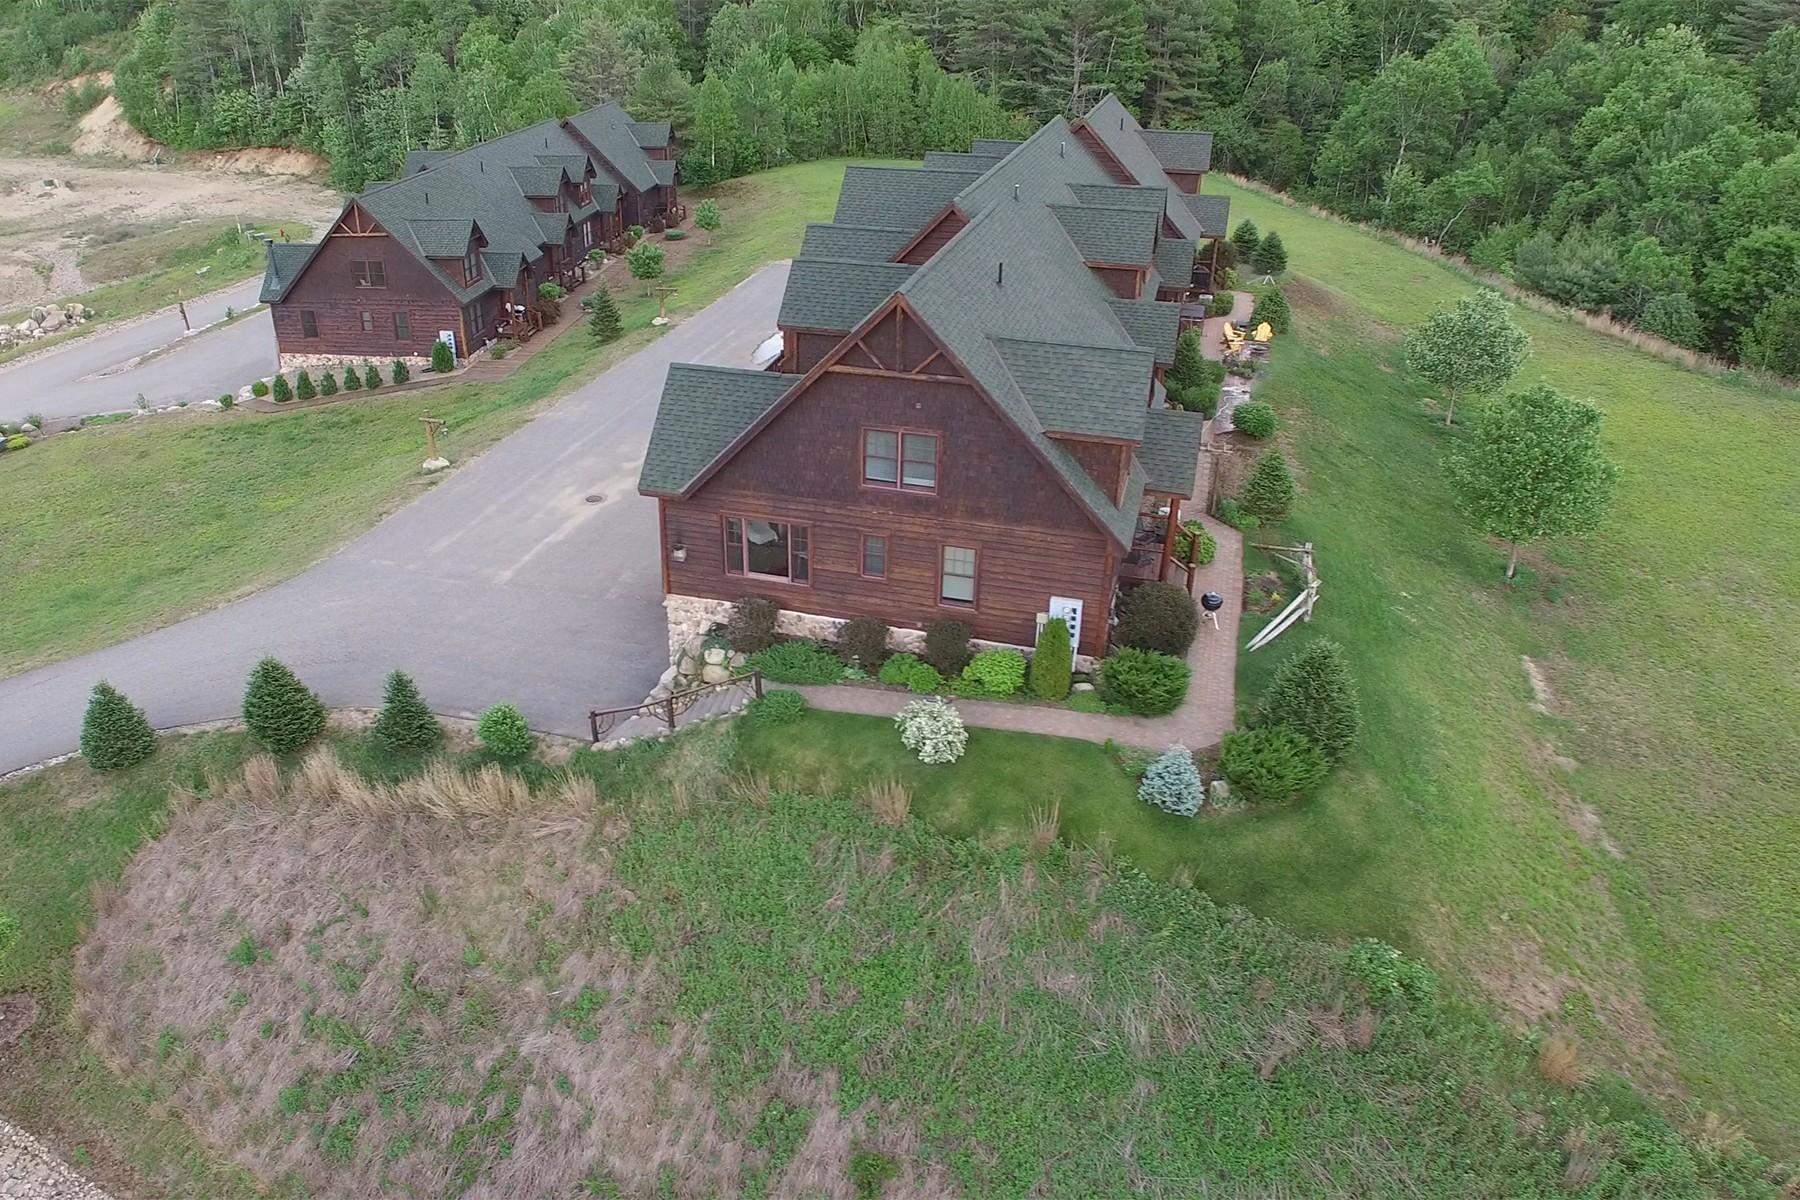 独户住宅 为 销售 在 Luxury Gore Mountain Townhomes 17 Bear Club Drive 约翰斯堡, 纽约州 12853 美国